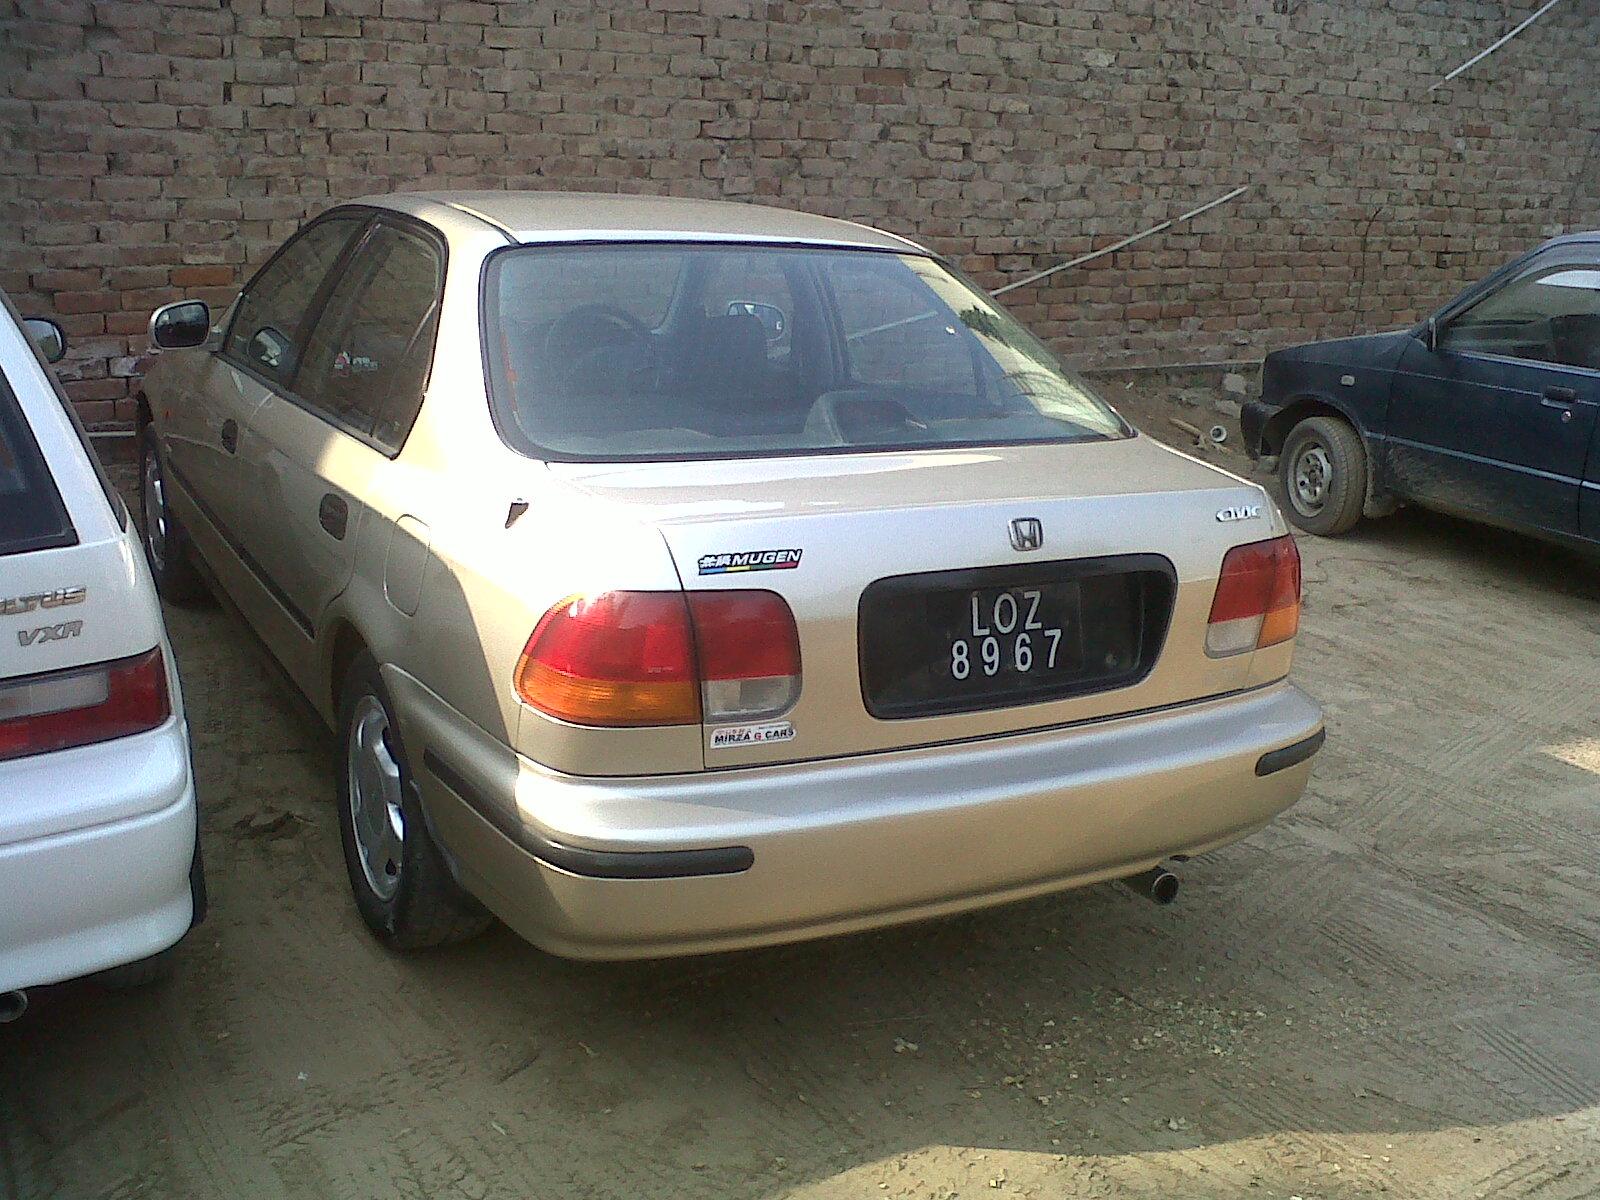 Honda Civic 1996 Of Civic95 Reborn Member Ride 14597